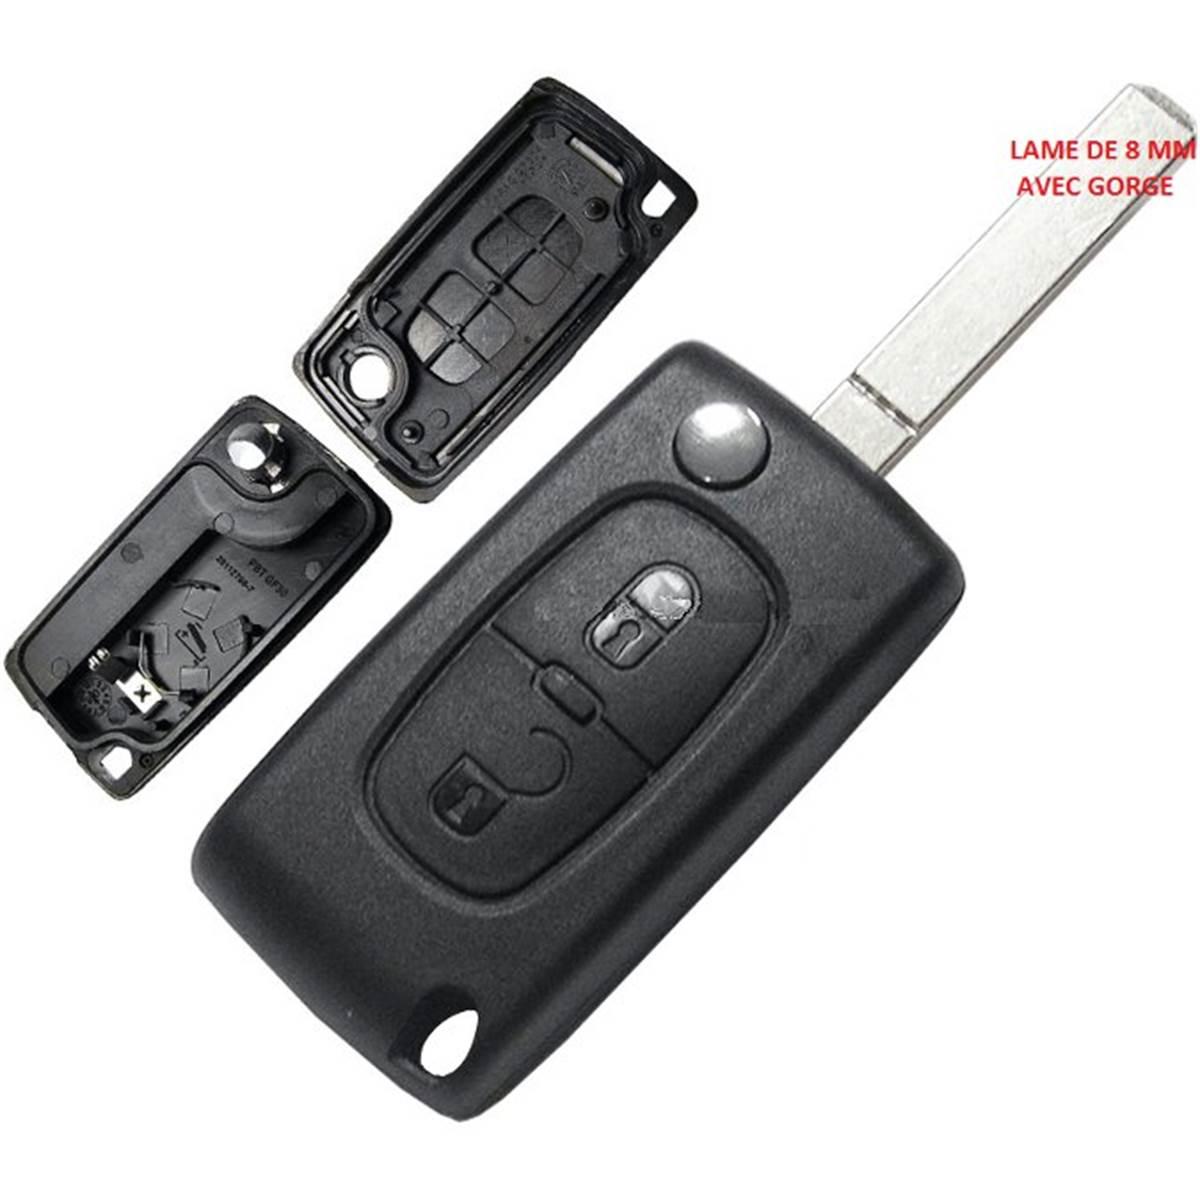 Coque de clé adaptable pour PSA ,107, 207, 307, 308, 407, C1 à C8 lame 8 mm